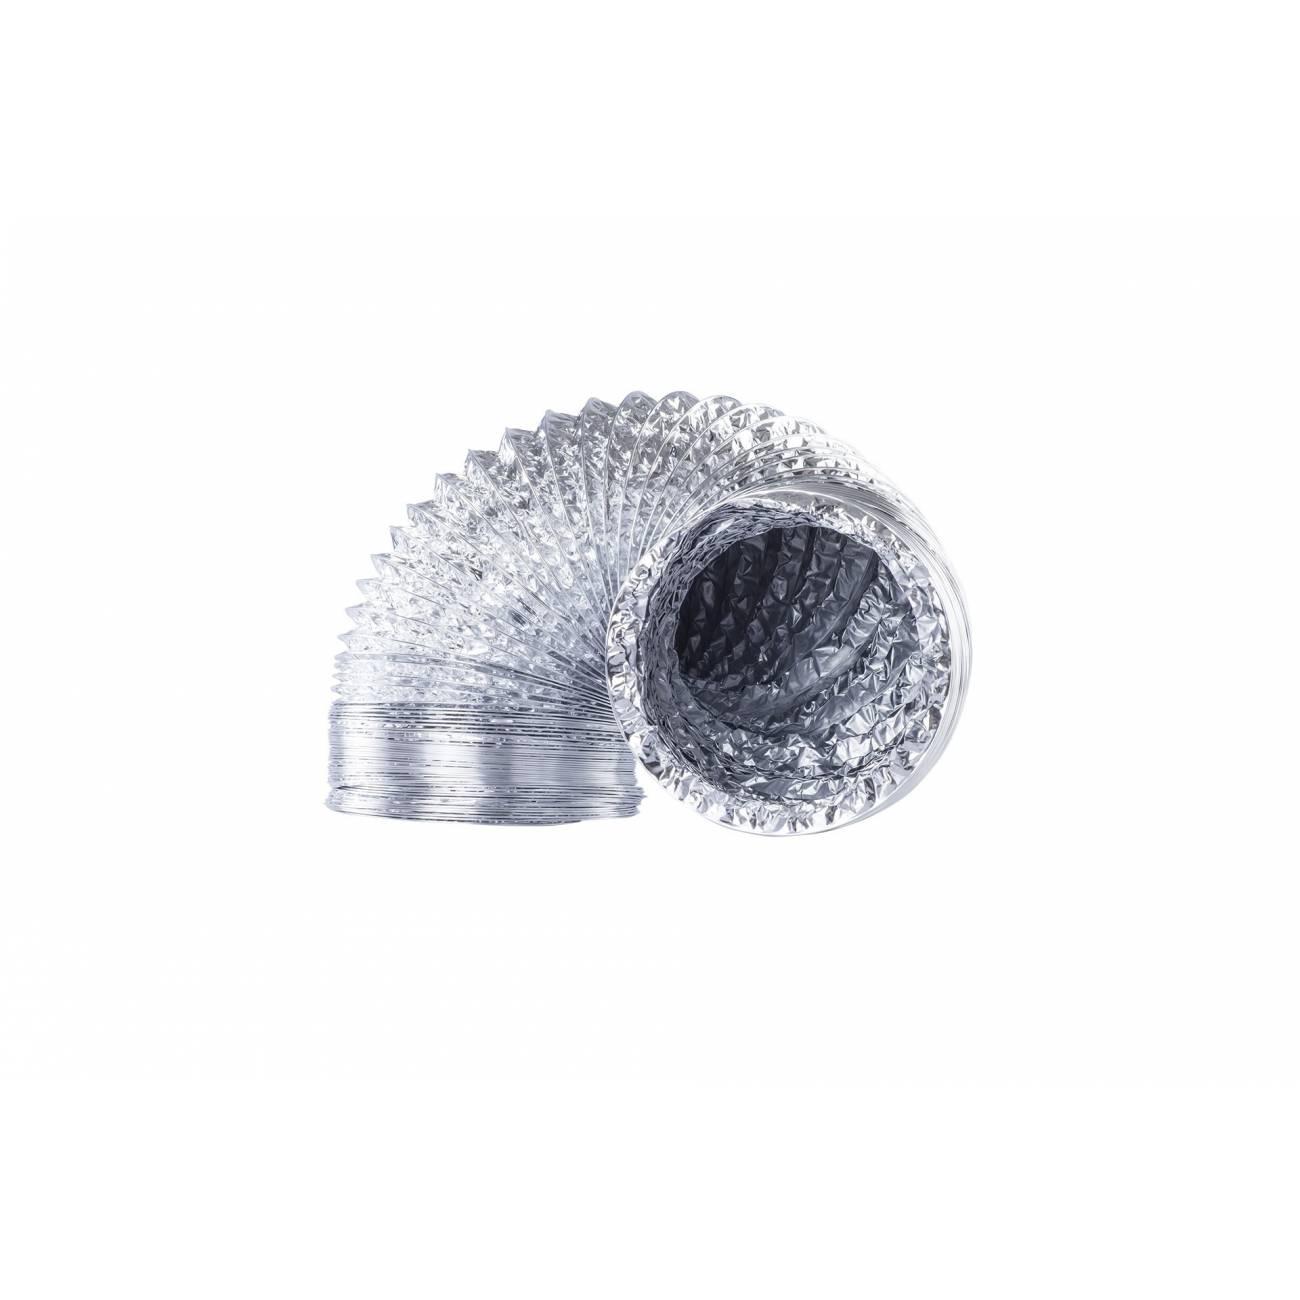 Ducto de Aluminio Flexible 4'', 3m